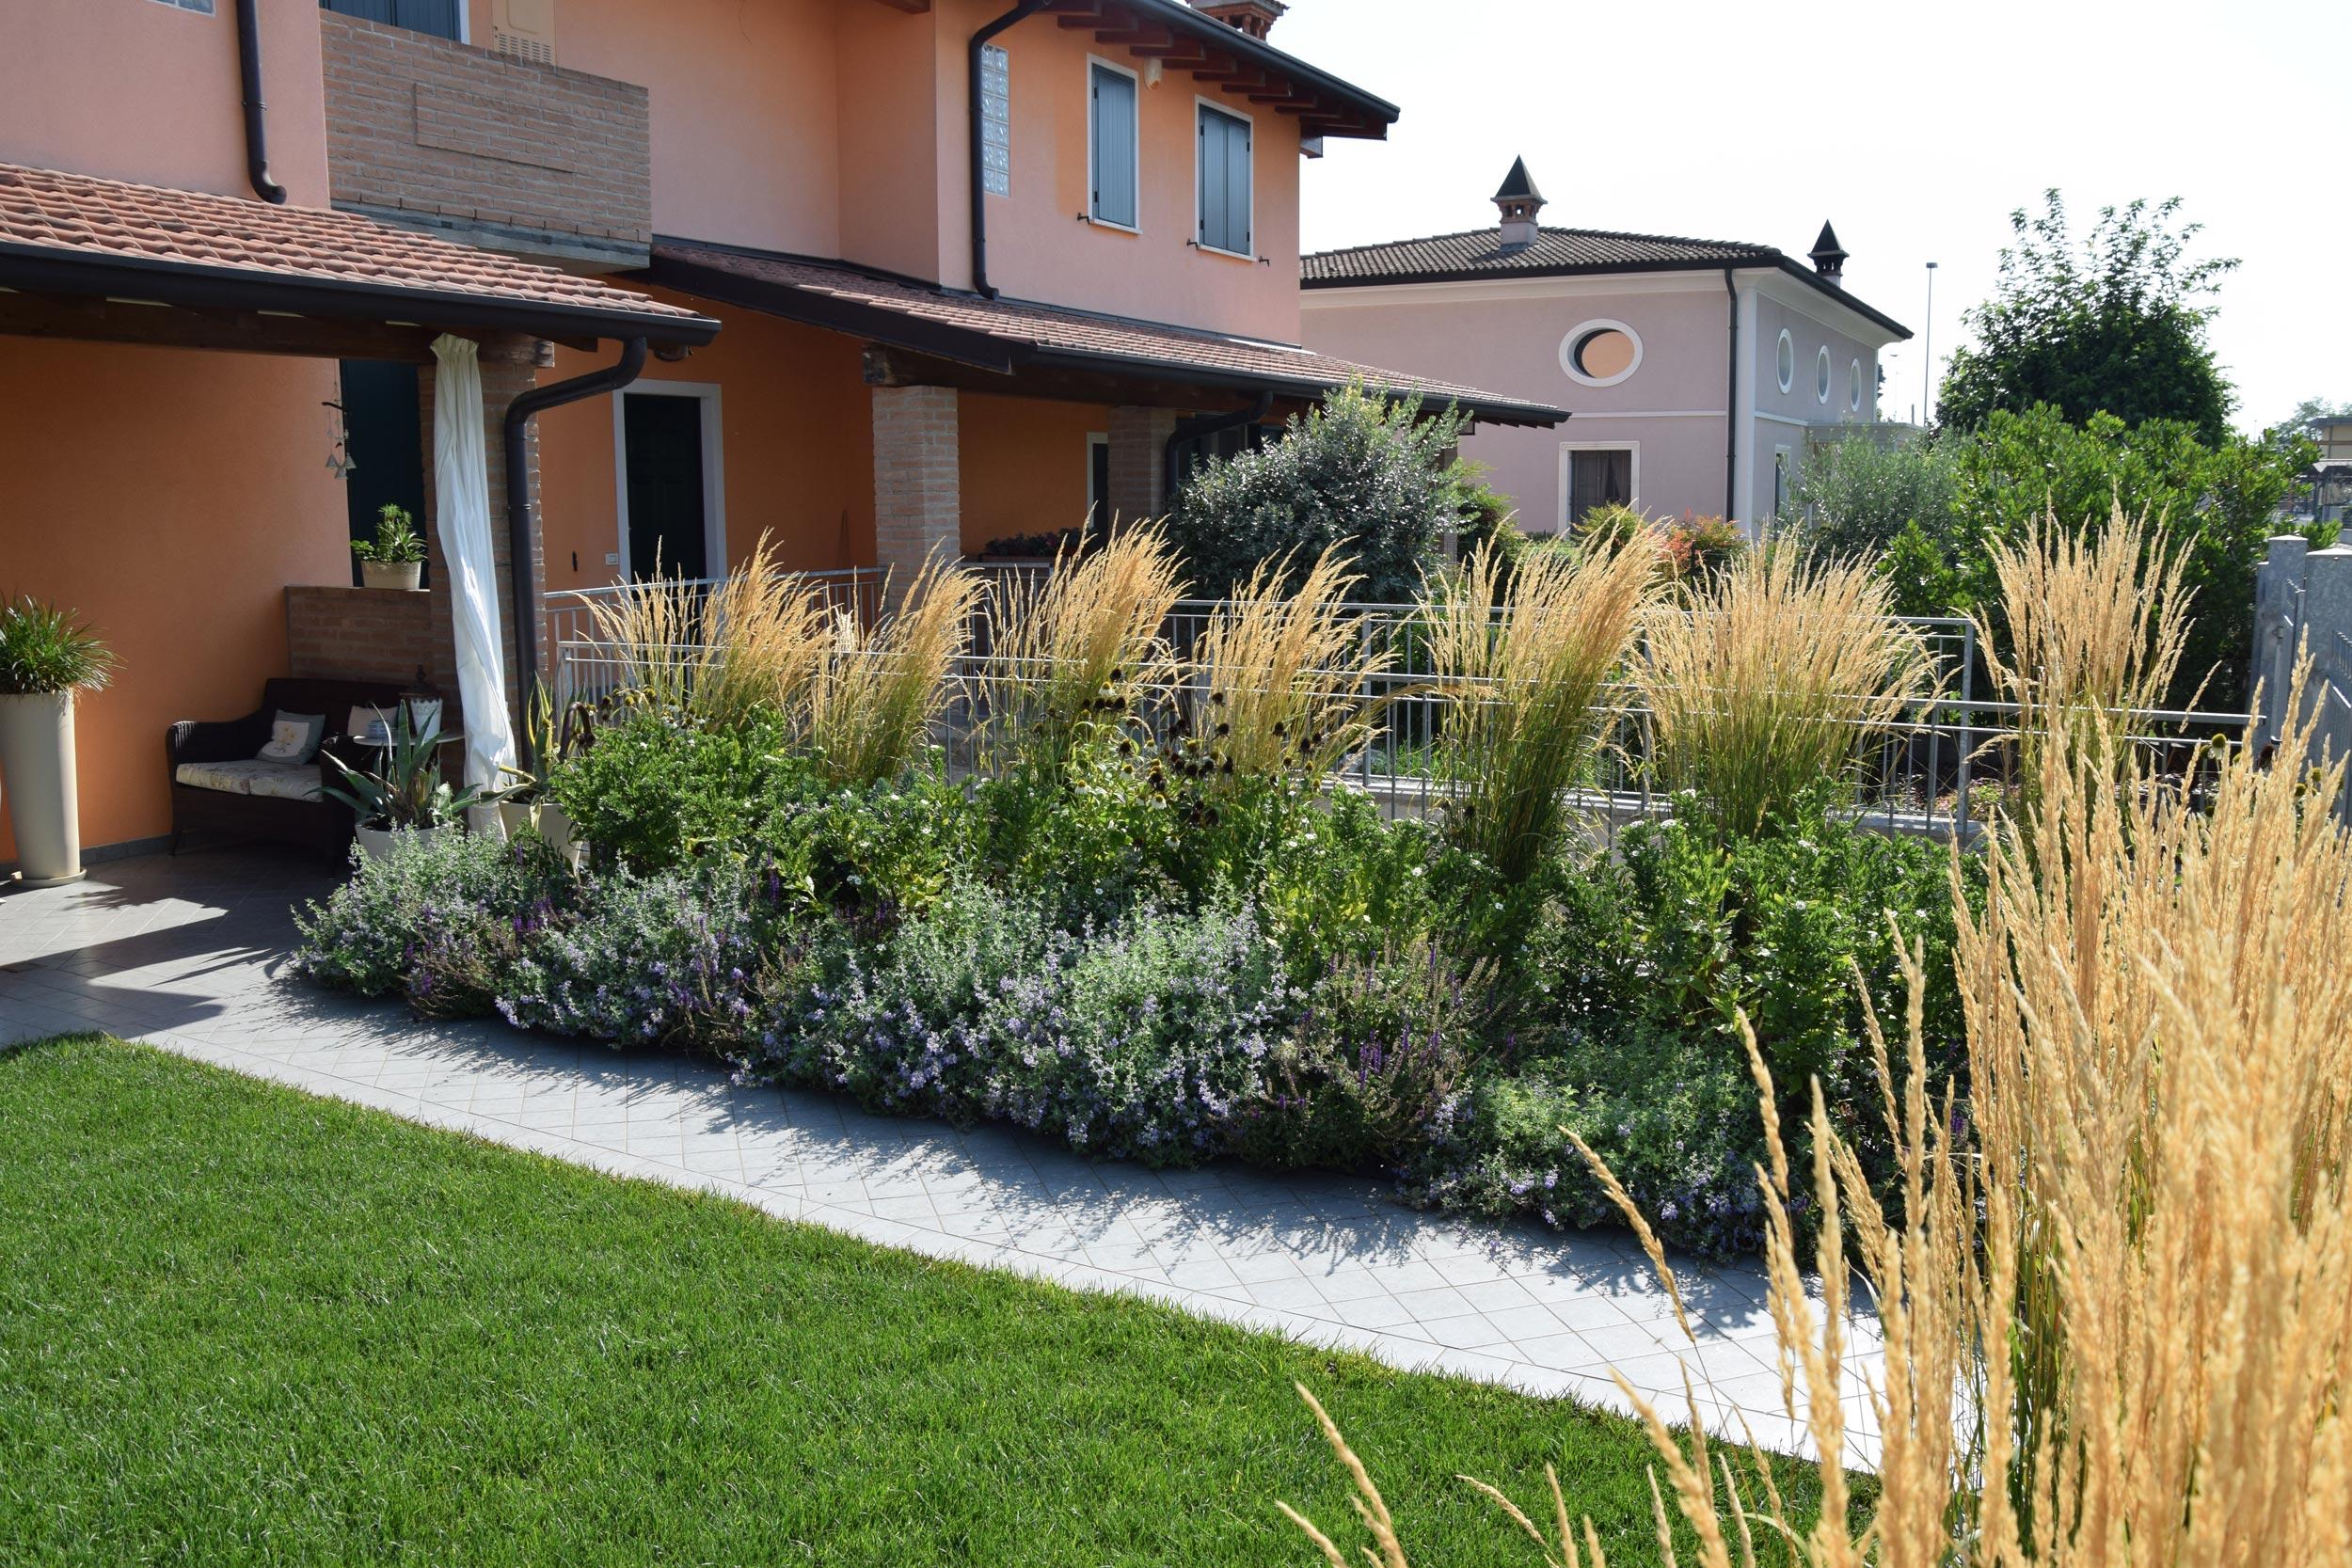 Piccolo giardino dal sapore britannico progettazione for Corso progettazione giardini